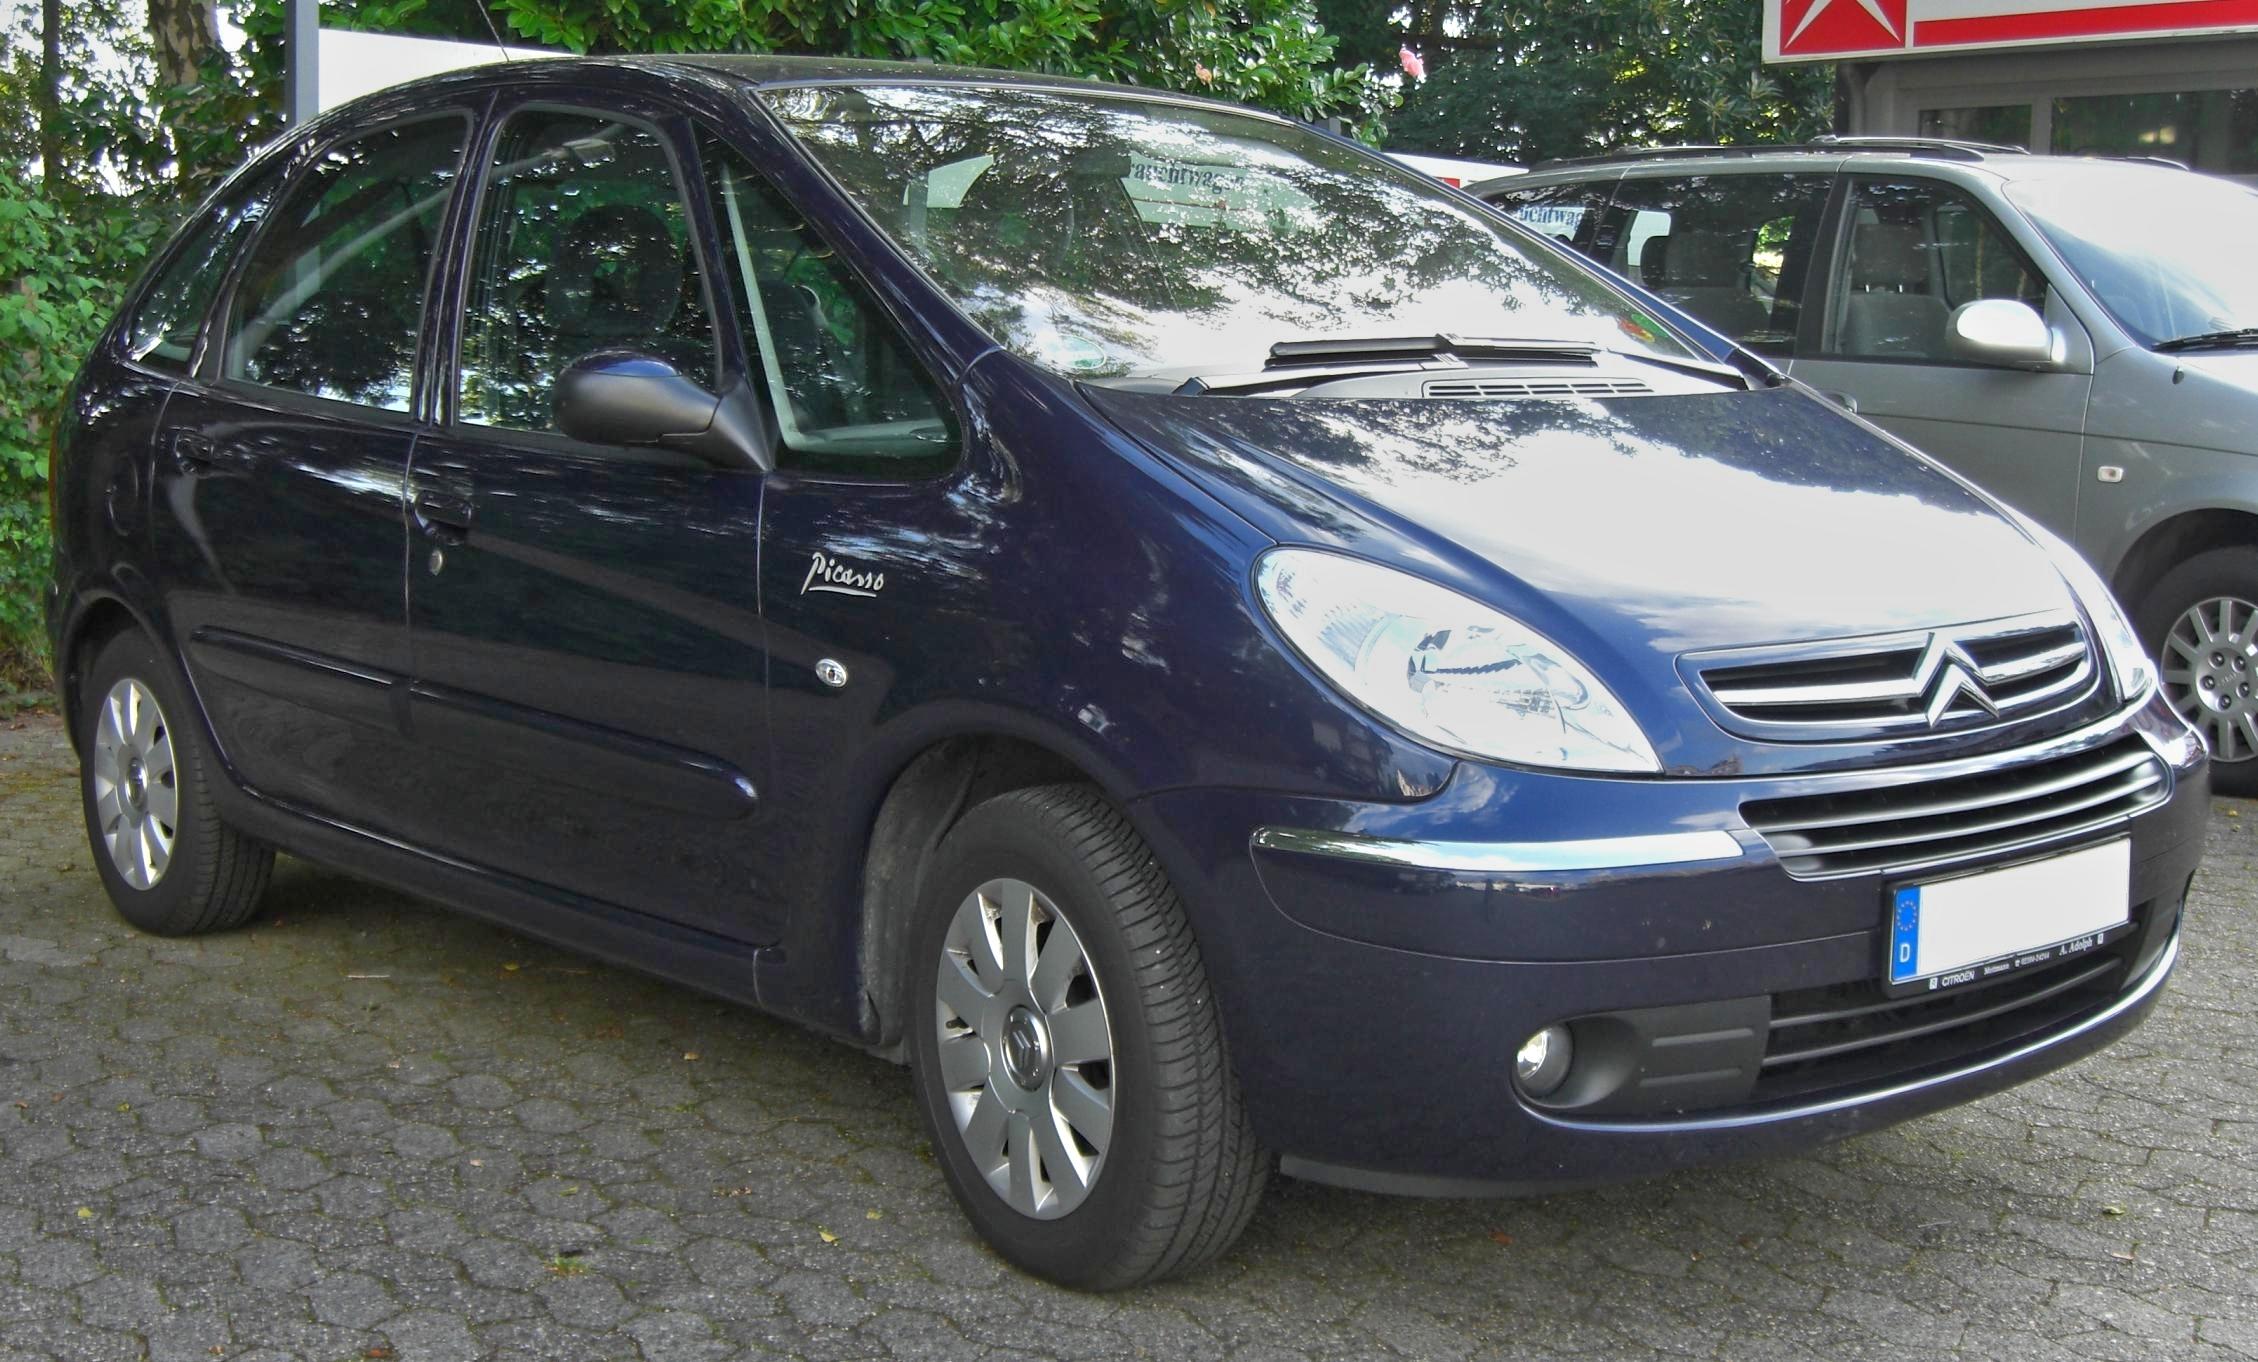 Citroen Xsara Picasso 1999 - 2012 Compact MPV #2